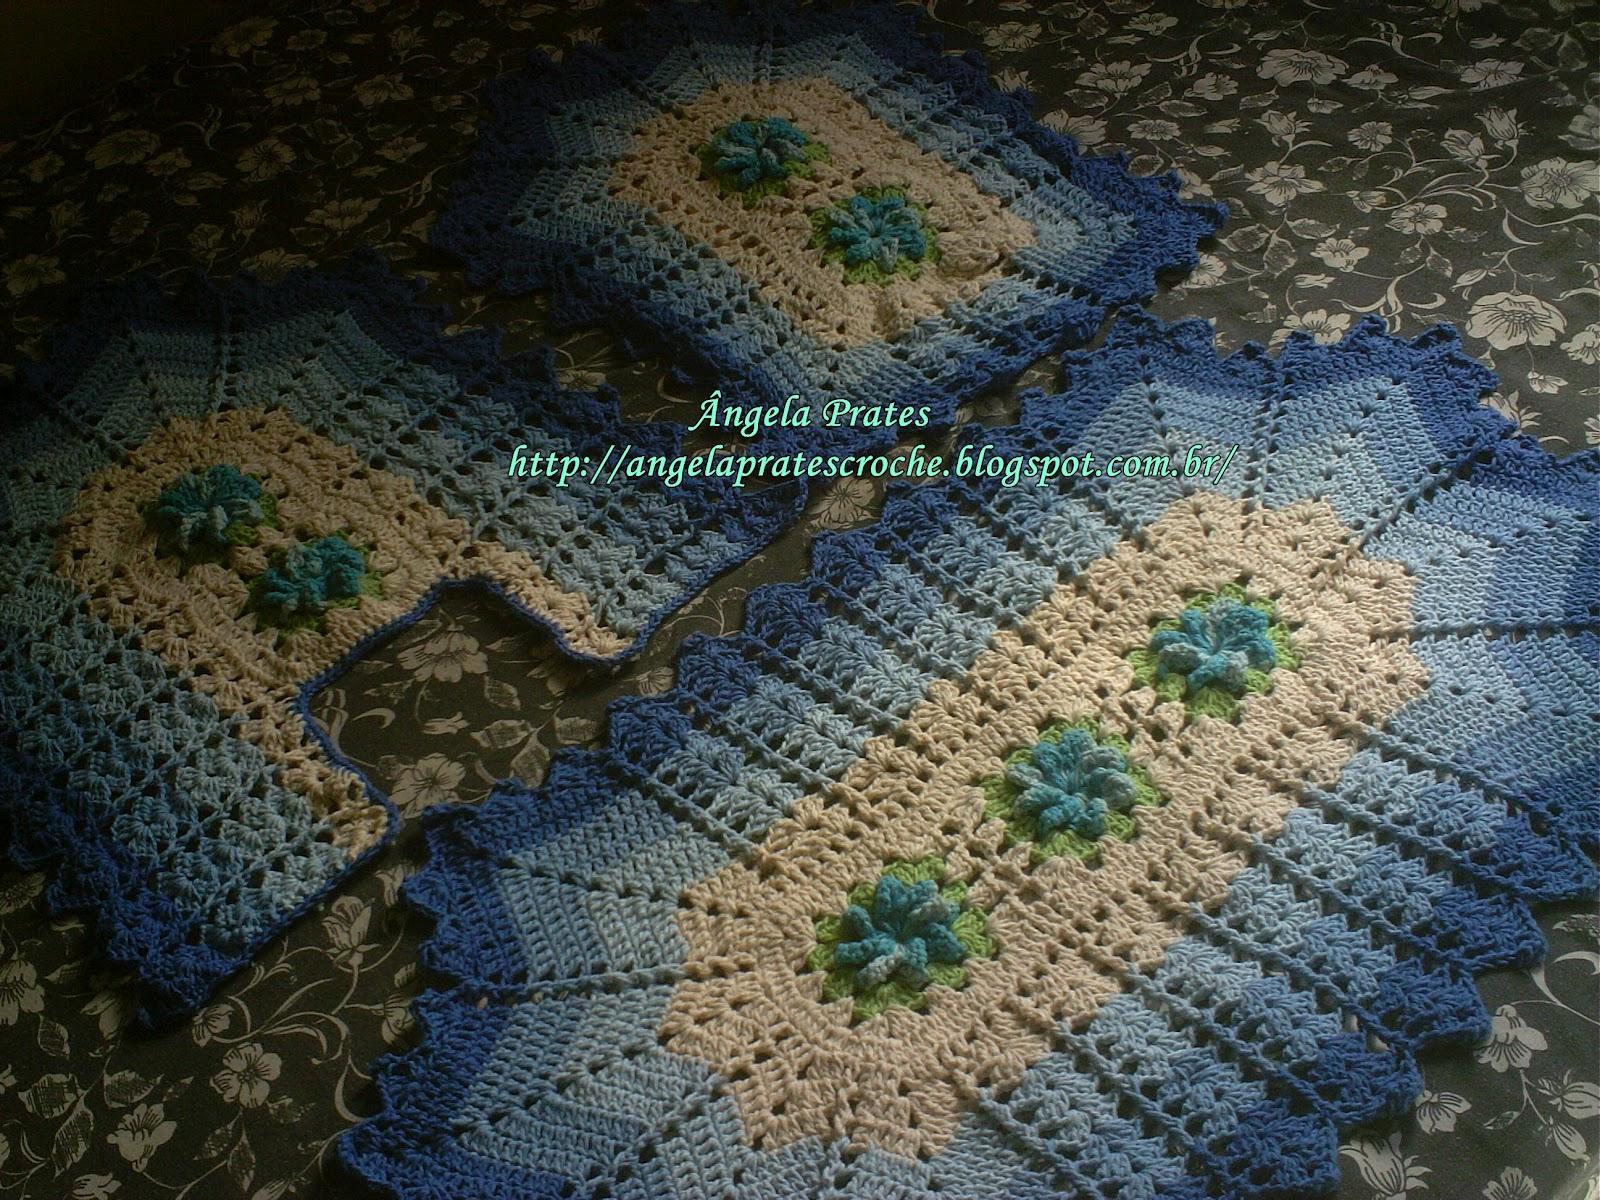 azul claro azul índigo e azul royal para as flores azul turquesa #334860 1600x1200 Banheiro Azul E Marrom